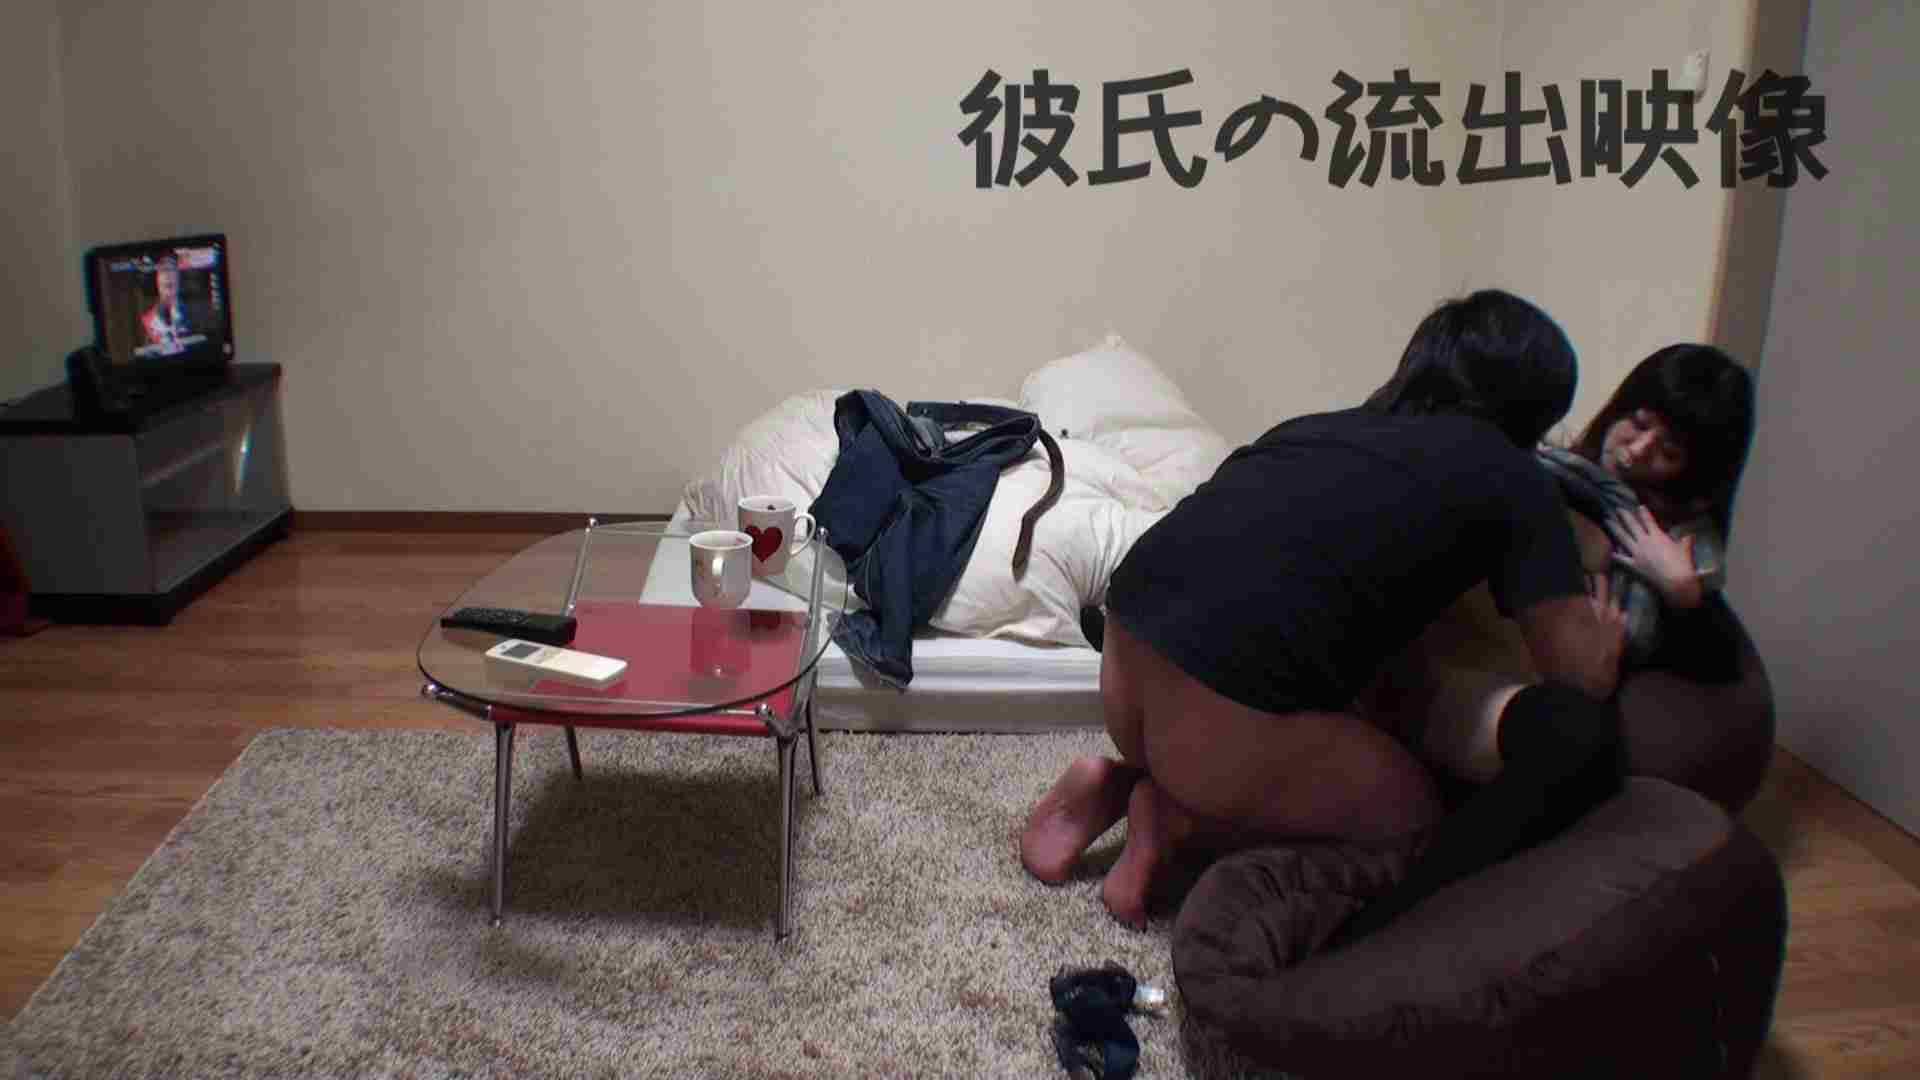 彼氏が流出 パイパン素人嬢のハメ撮り映像02 一般投稿 | ギャル達のSEX  61画像 22